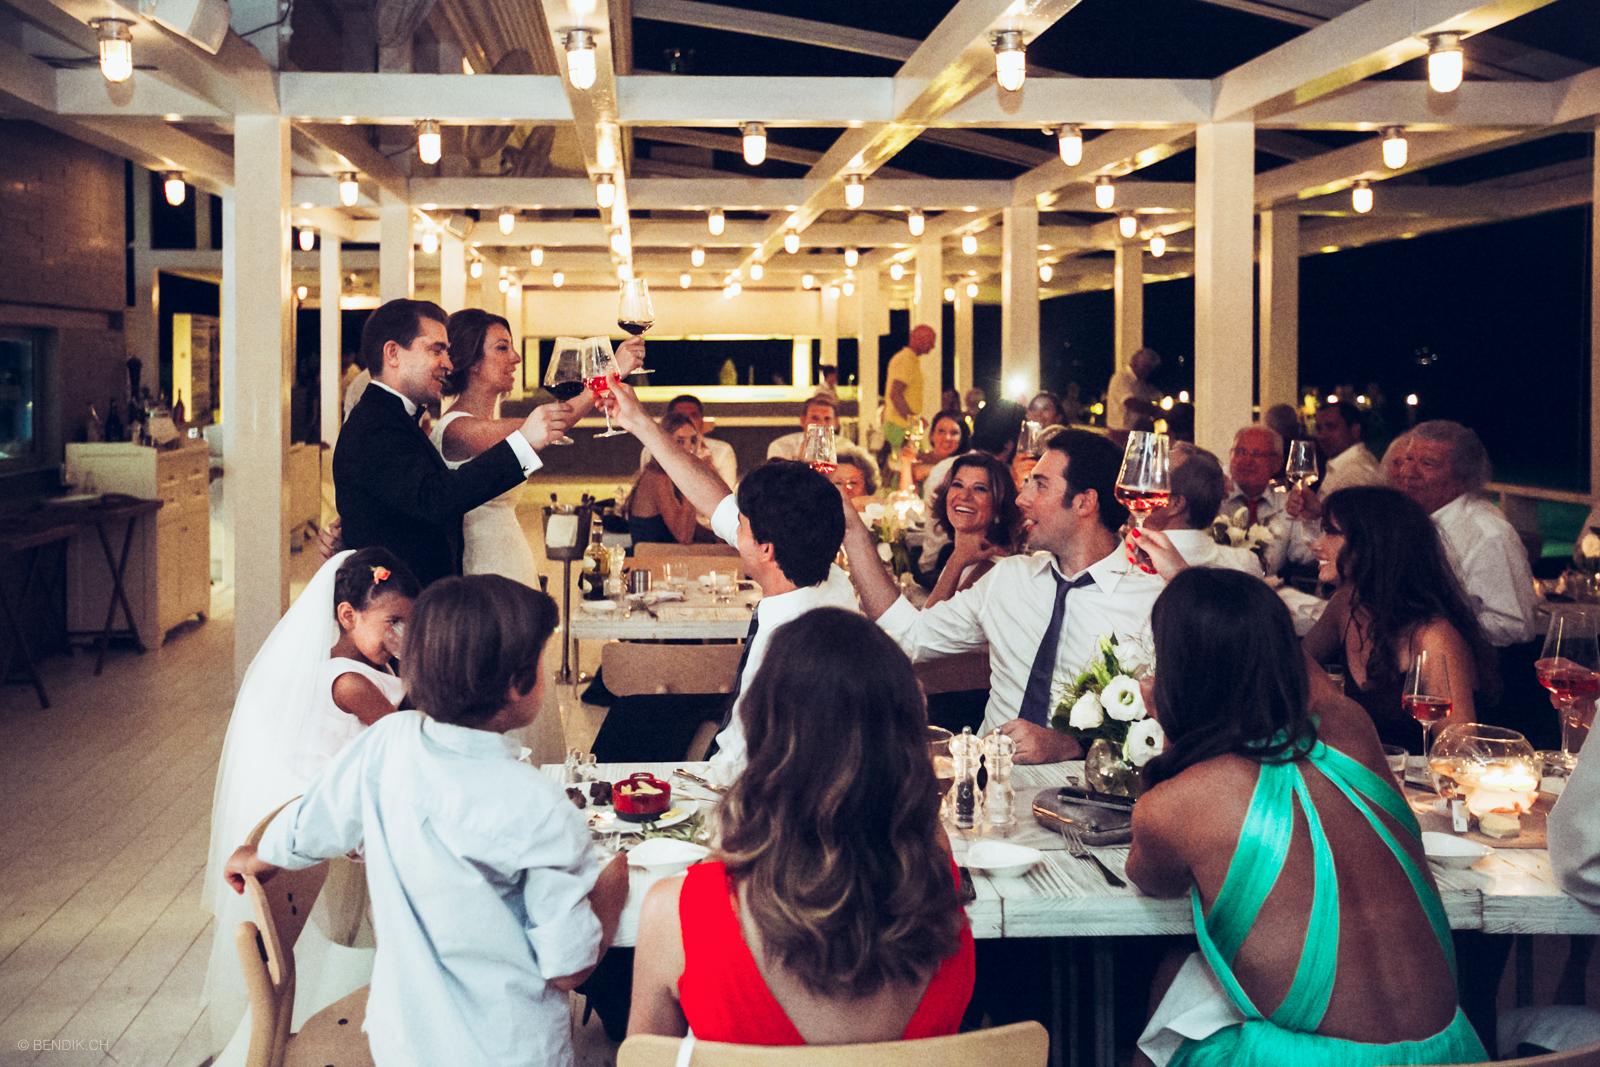 wedding_photoshoot_pinar_tolga20150913_075